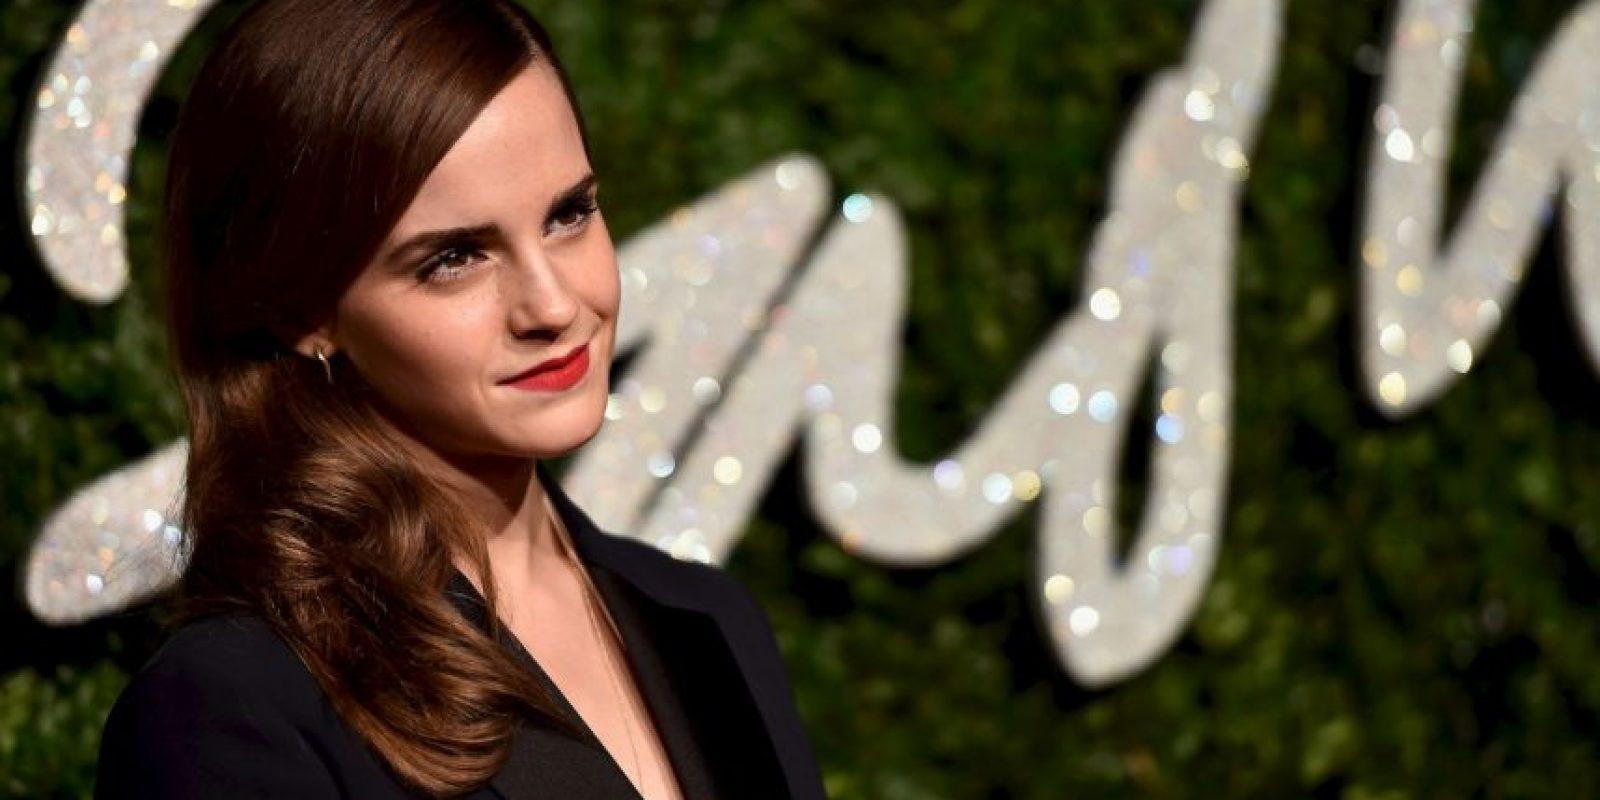 Emma Watson es conocida por interpretar a Hermione Granger en la saga Harry Potter. Foto:Getty